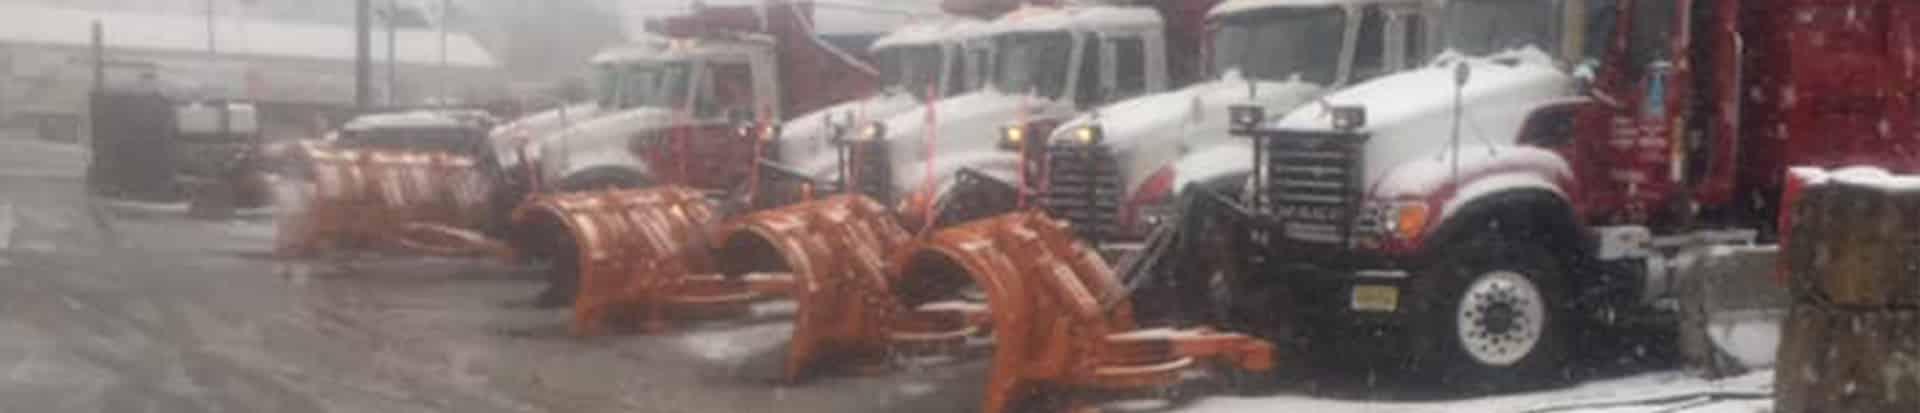 six snowplow trucks